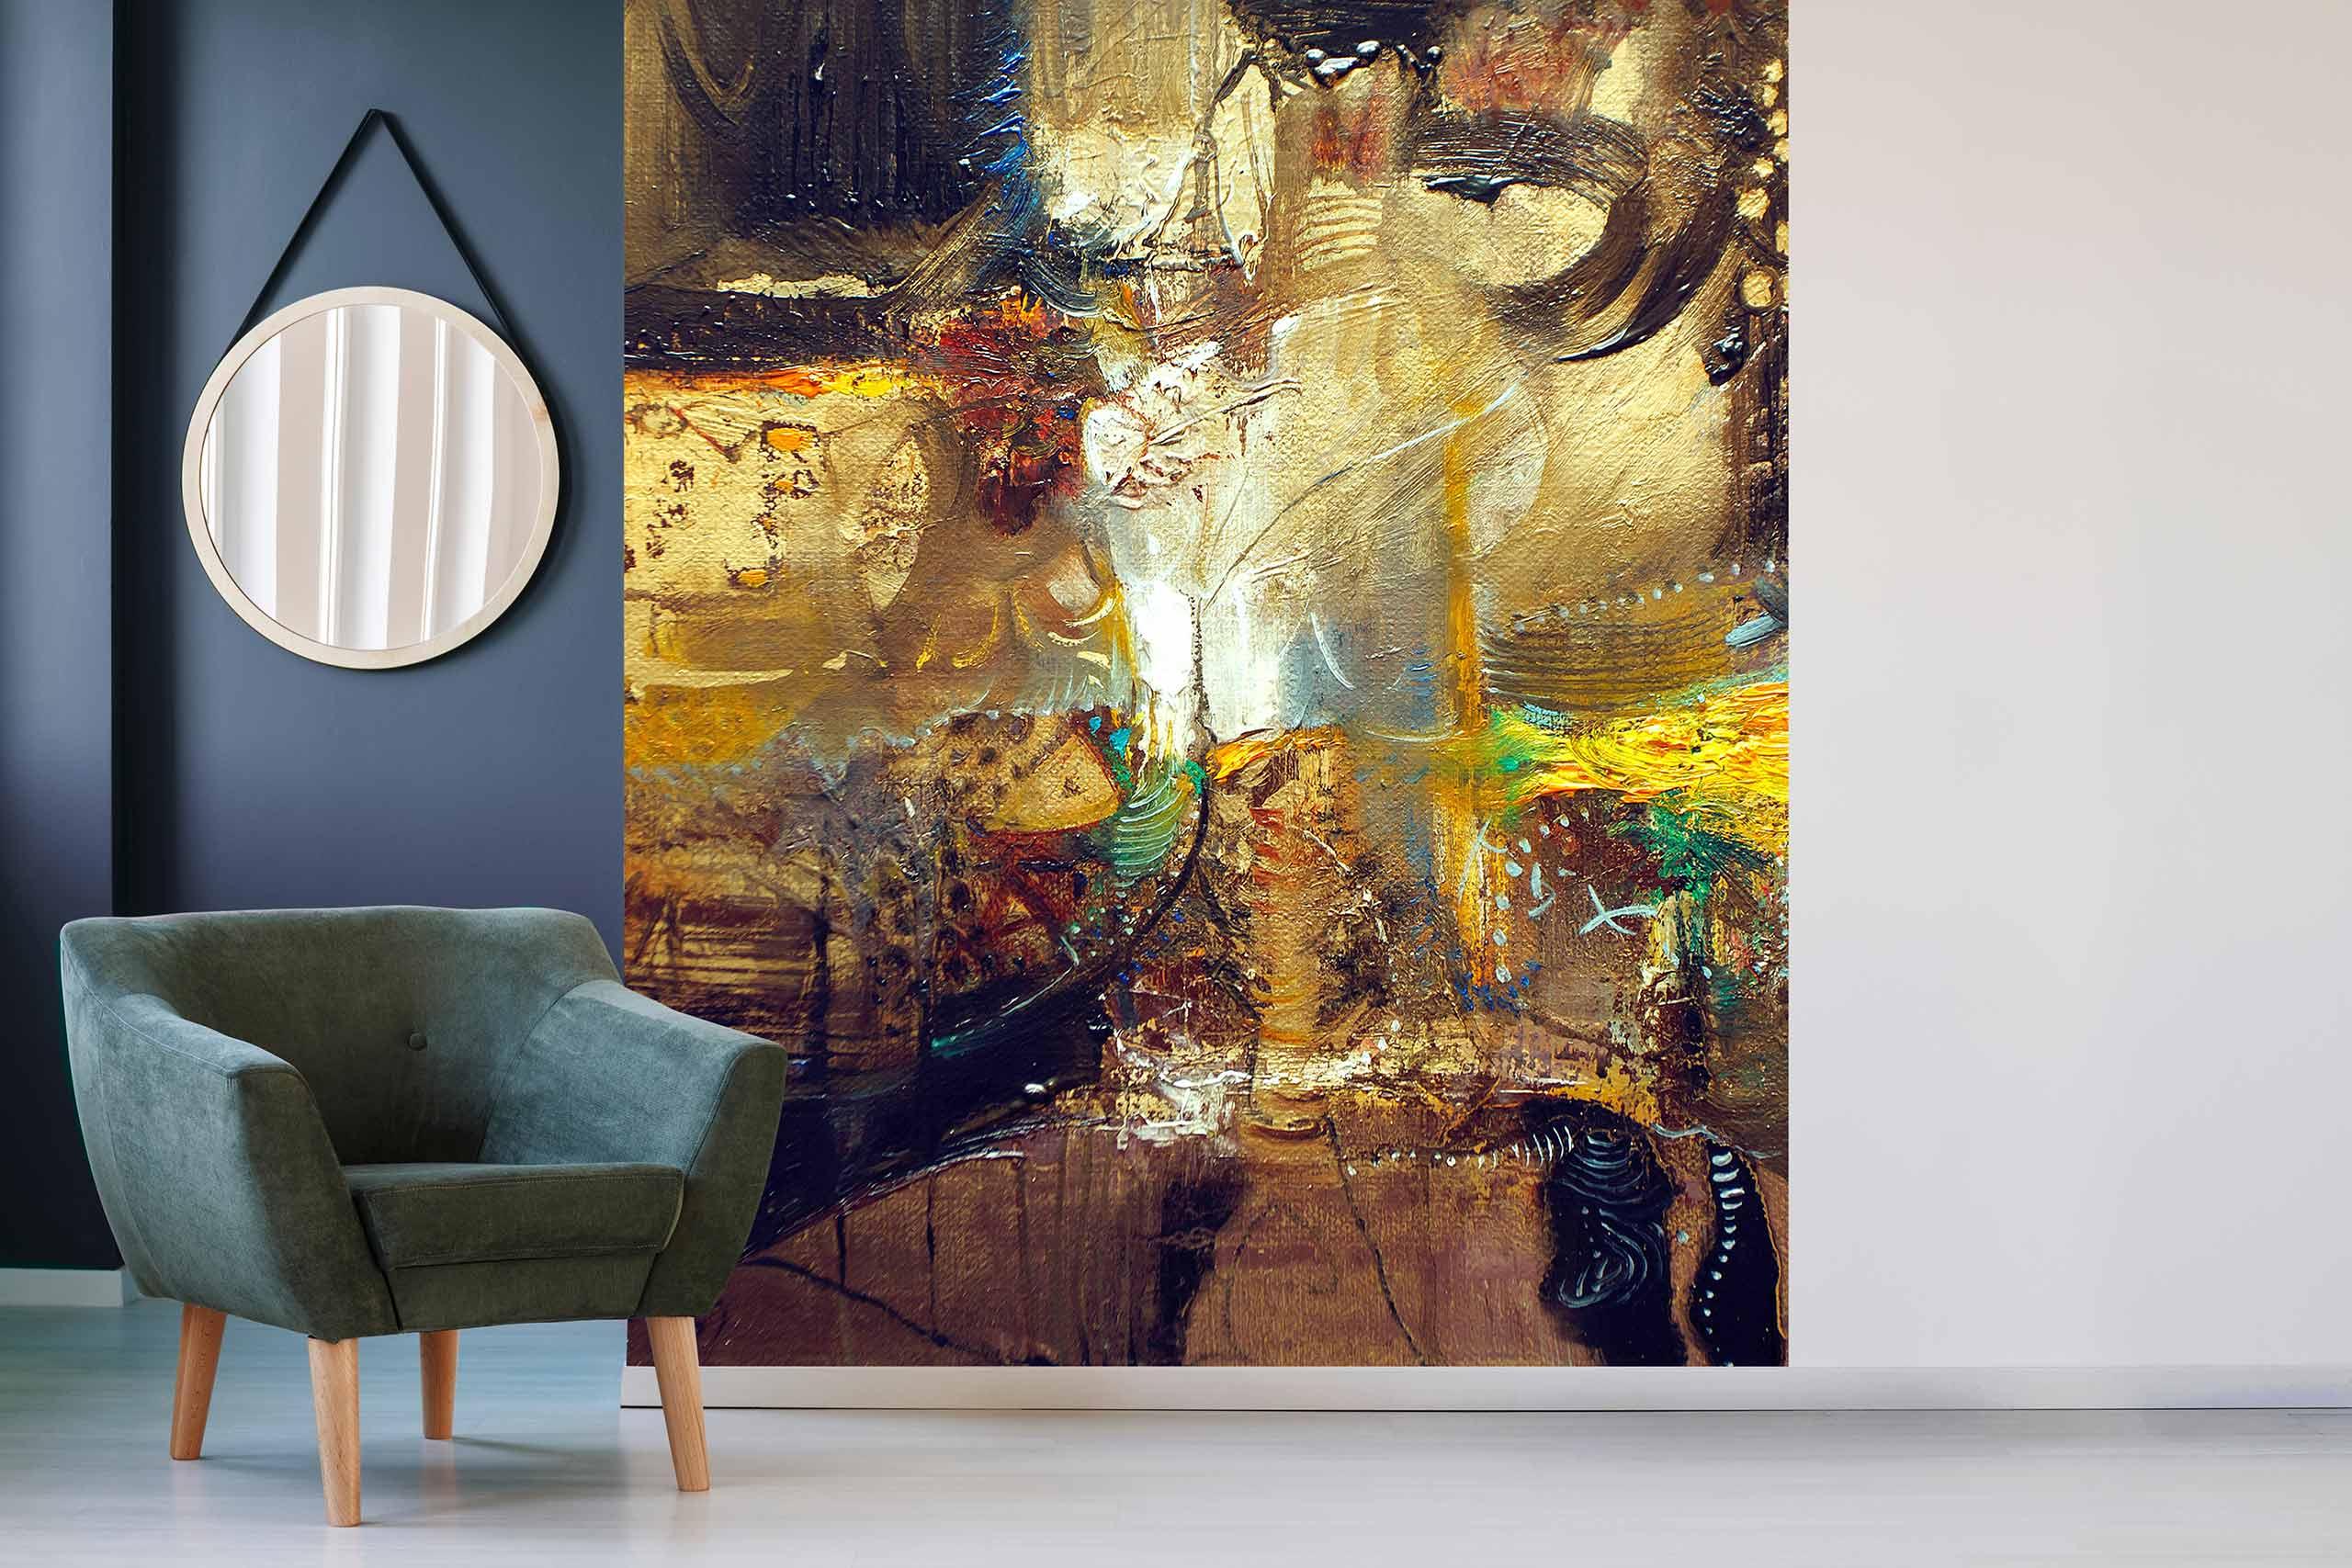 Vlies Tapete 225 Fototapete Höhe 250cm Motiv 155 Abstrakt